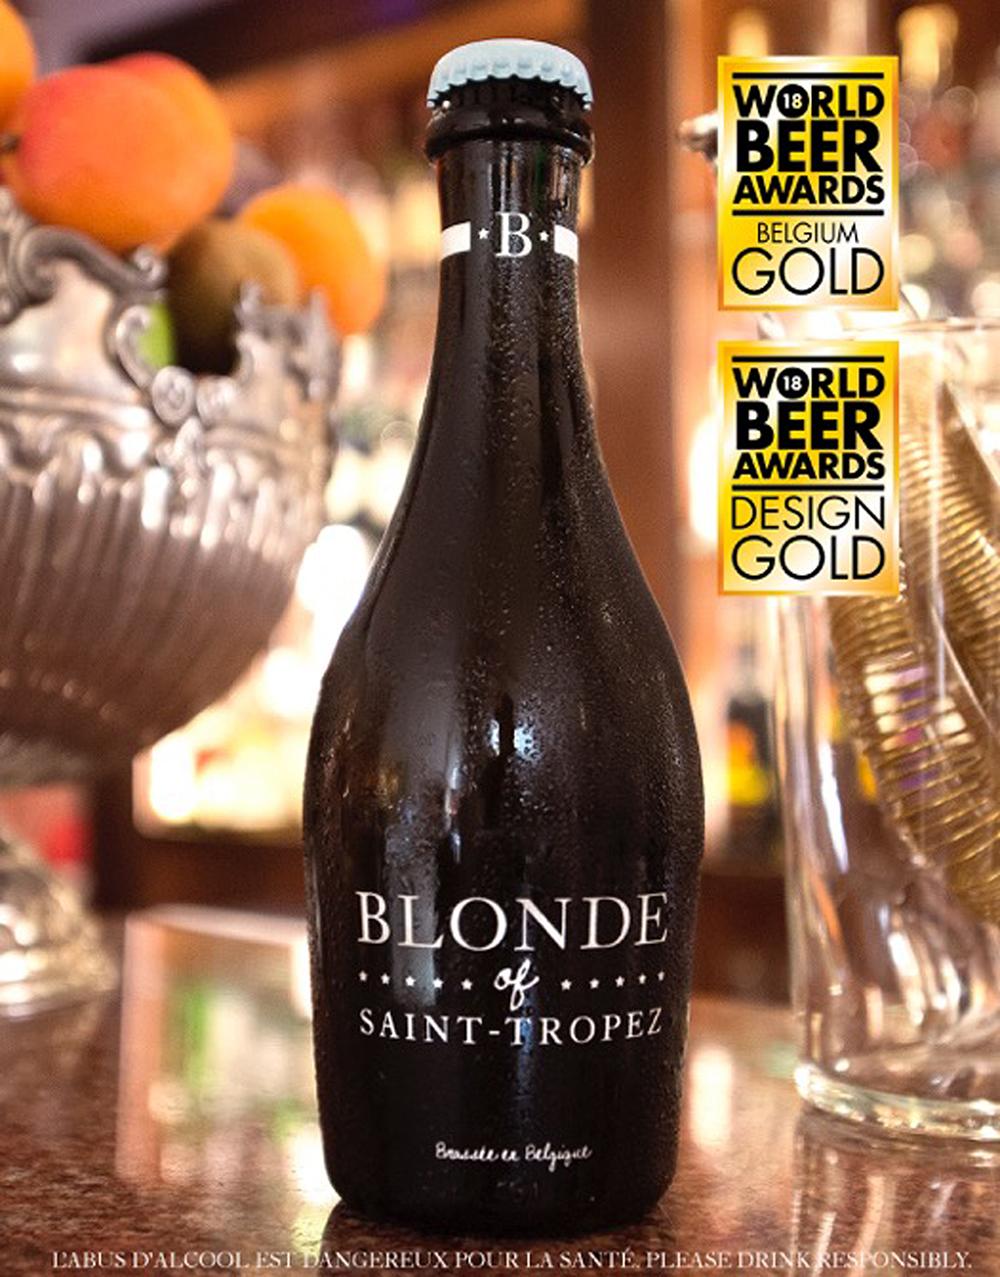 """Hat beim World Beer Award 2018 für belgisches Bier und Design erneut die Gold-Auszeichnung erhalten: """"Blonde of Saint-Tropez""""."""